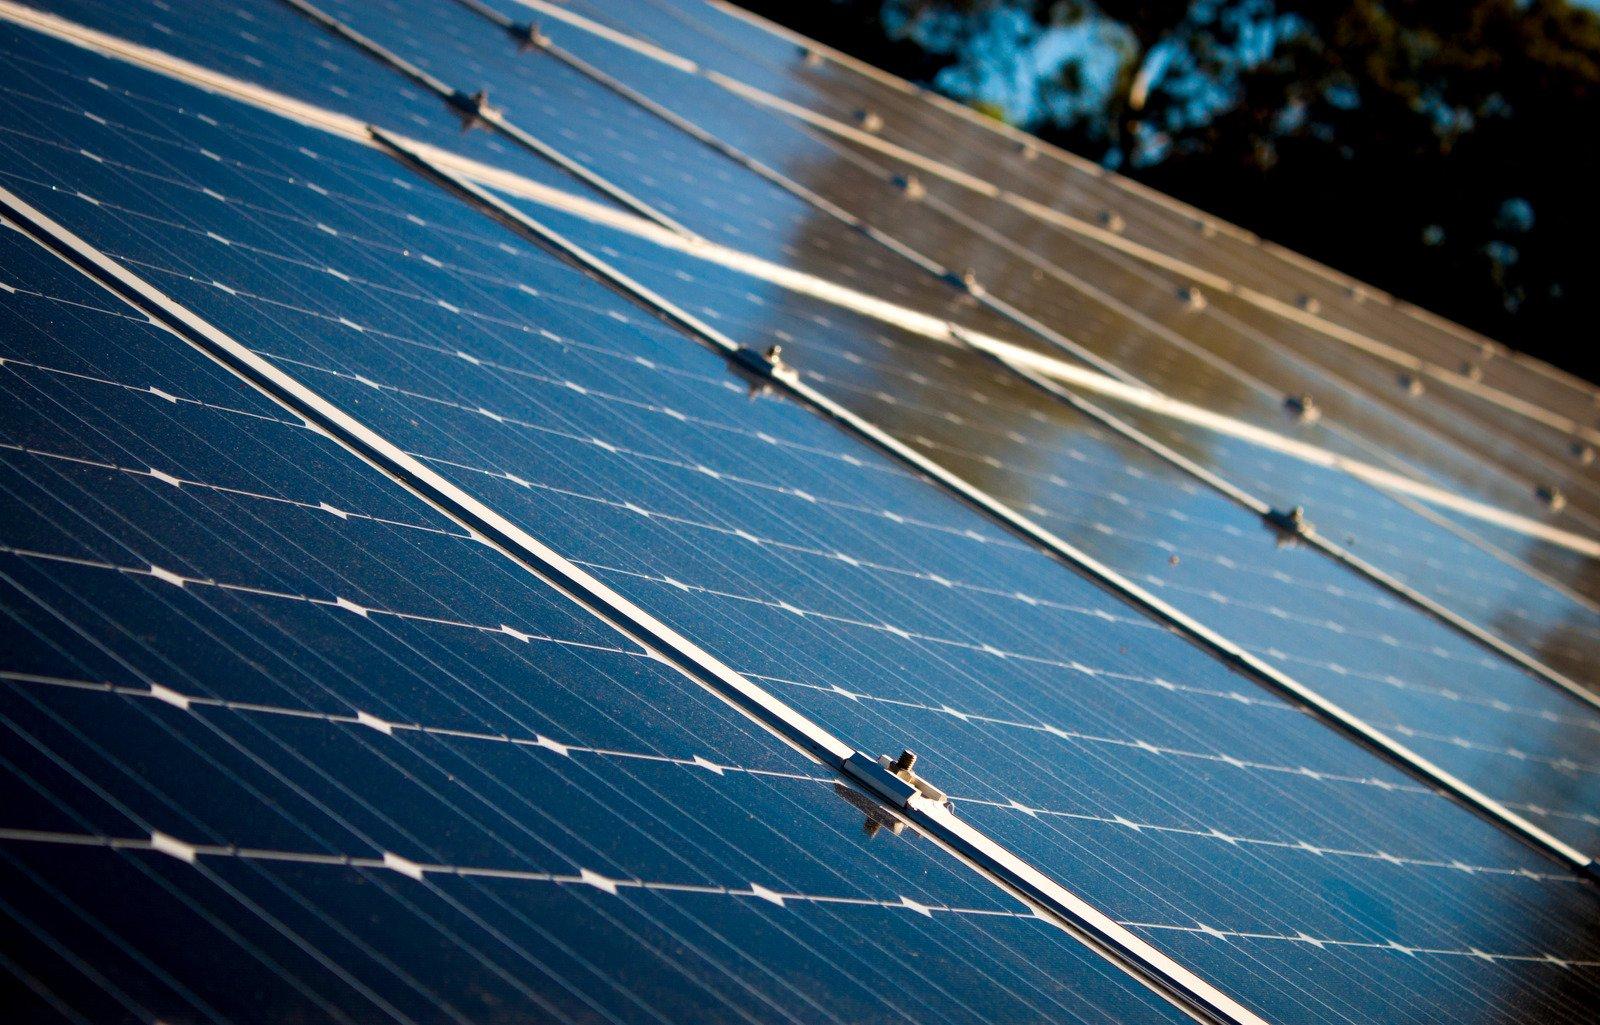 Are Solar Panels Worth It?